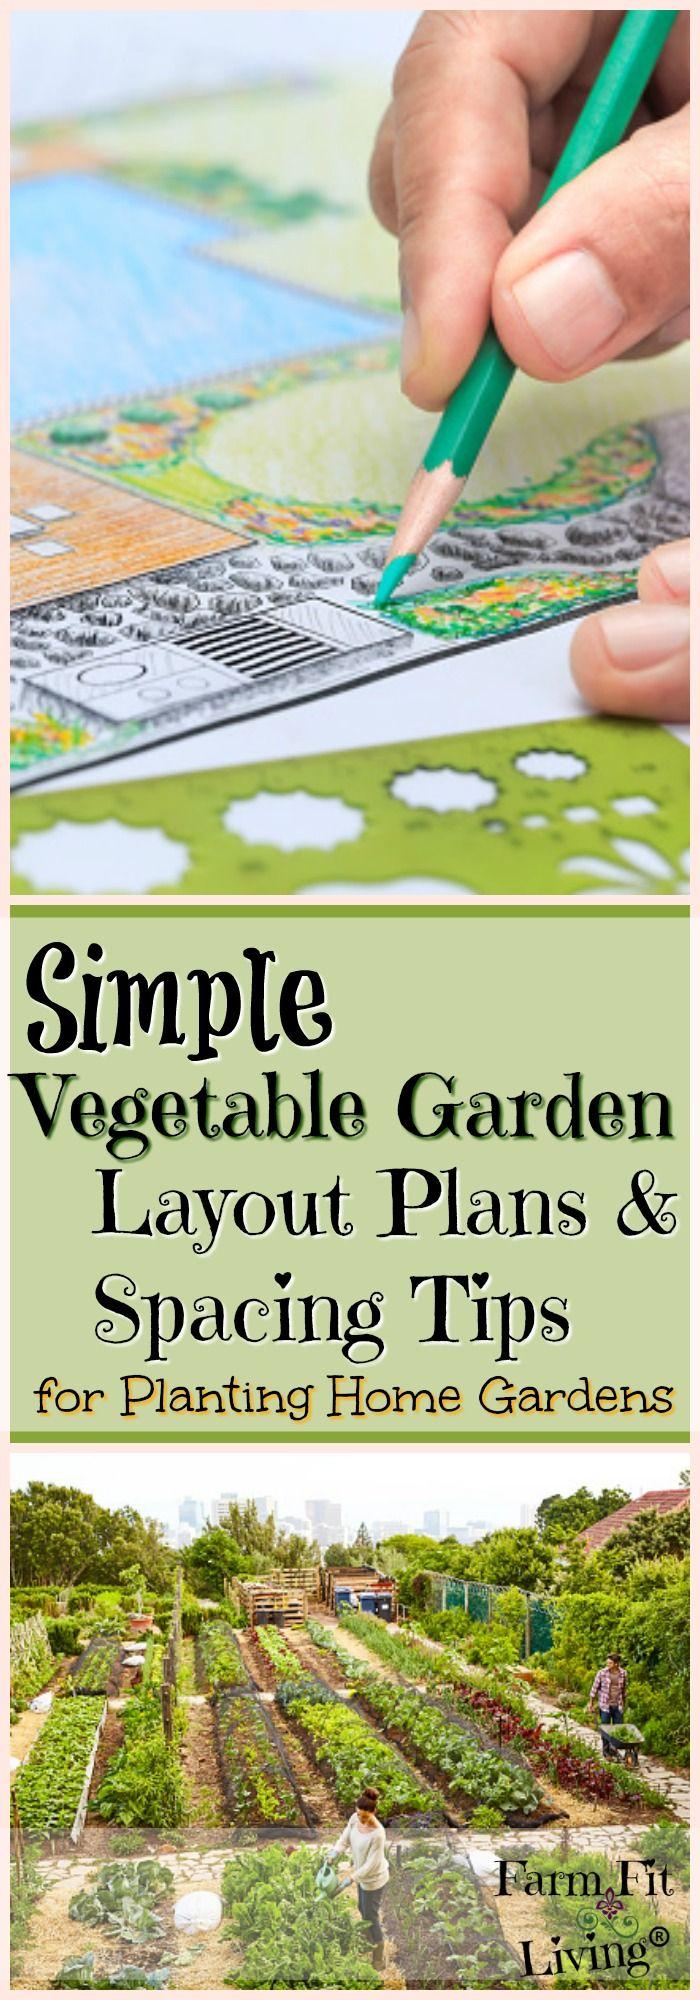 Simple Vegetable Garden Layout Plans Spacing Tips For Home Gardens With Images Vegetable Garden Layout Plan Garden Planning Layout Garden Layout Vegetable